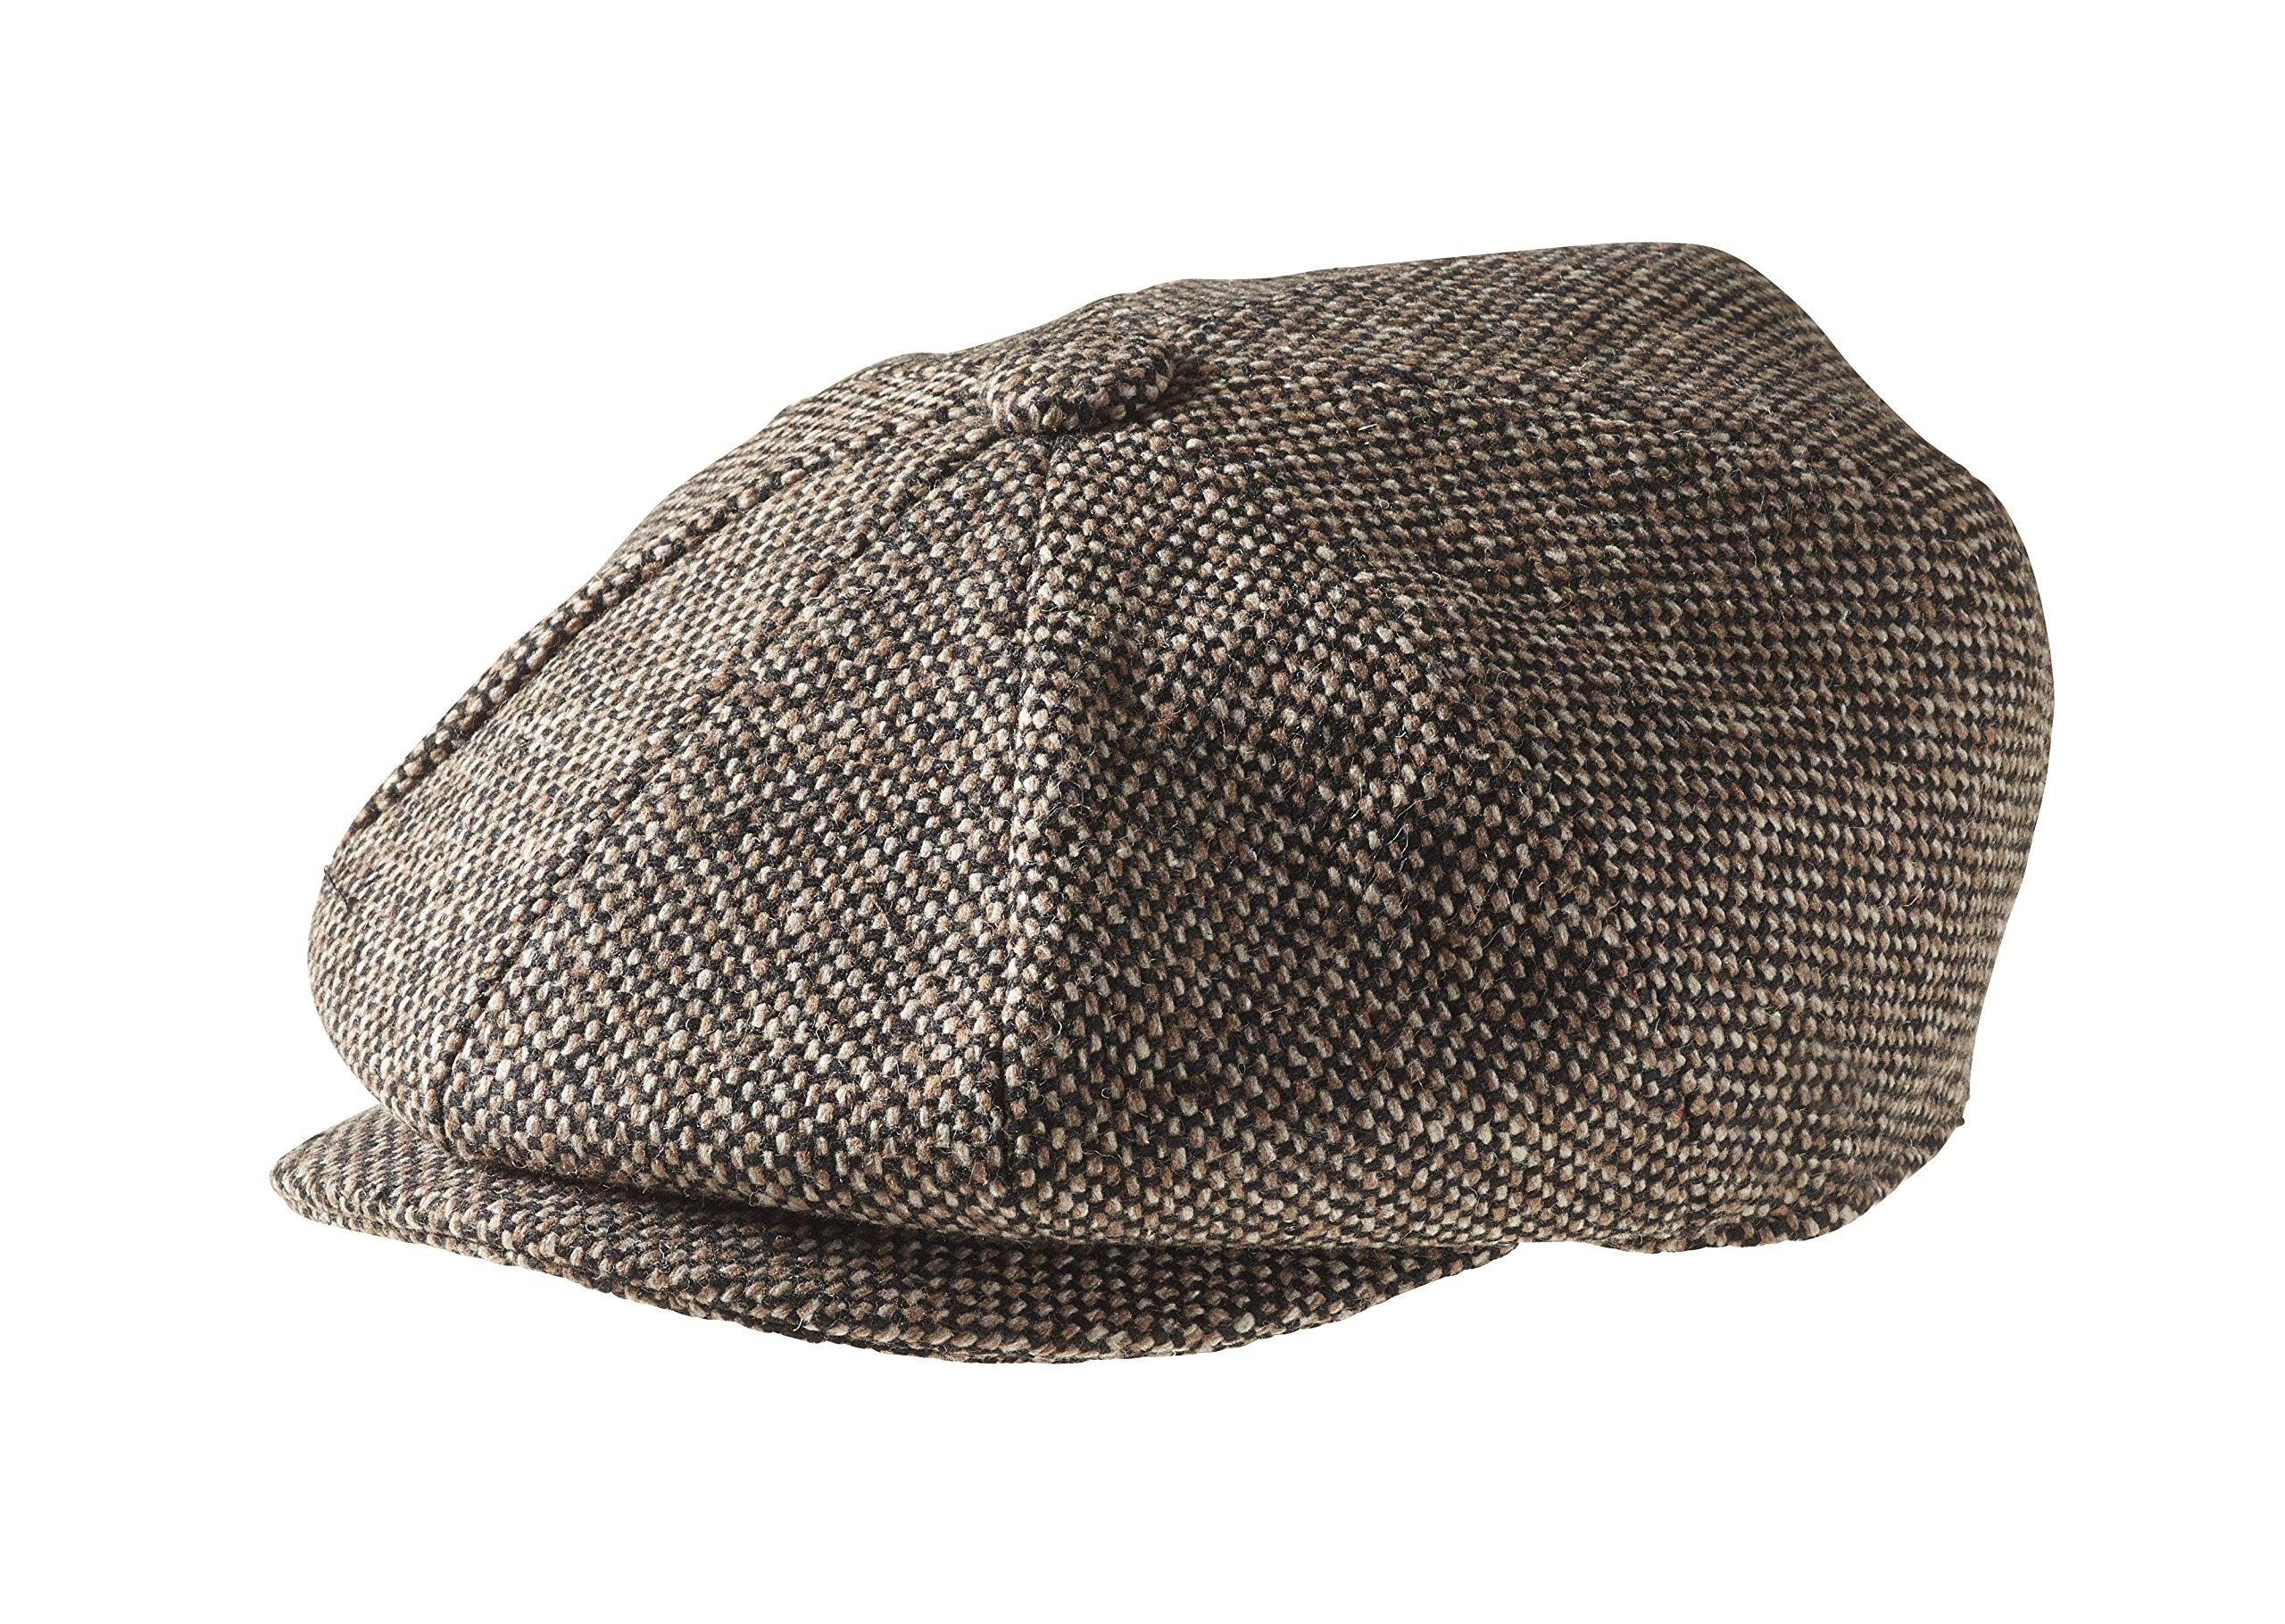 Gorra de Peaky Blinders, en 8 piezas, 100 % lana, de estilo chico repartidor de periódicos